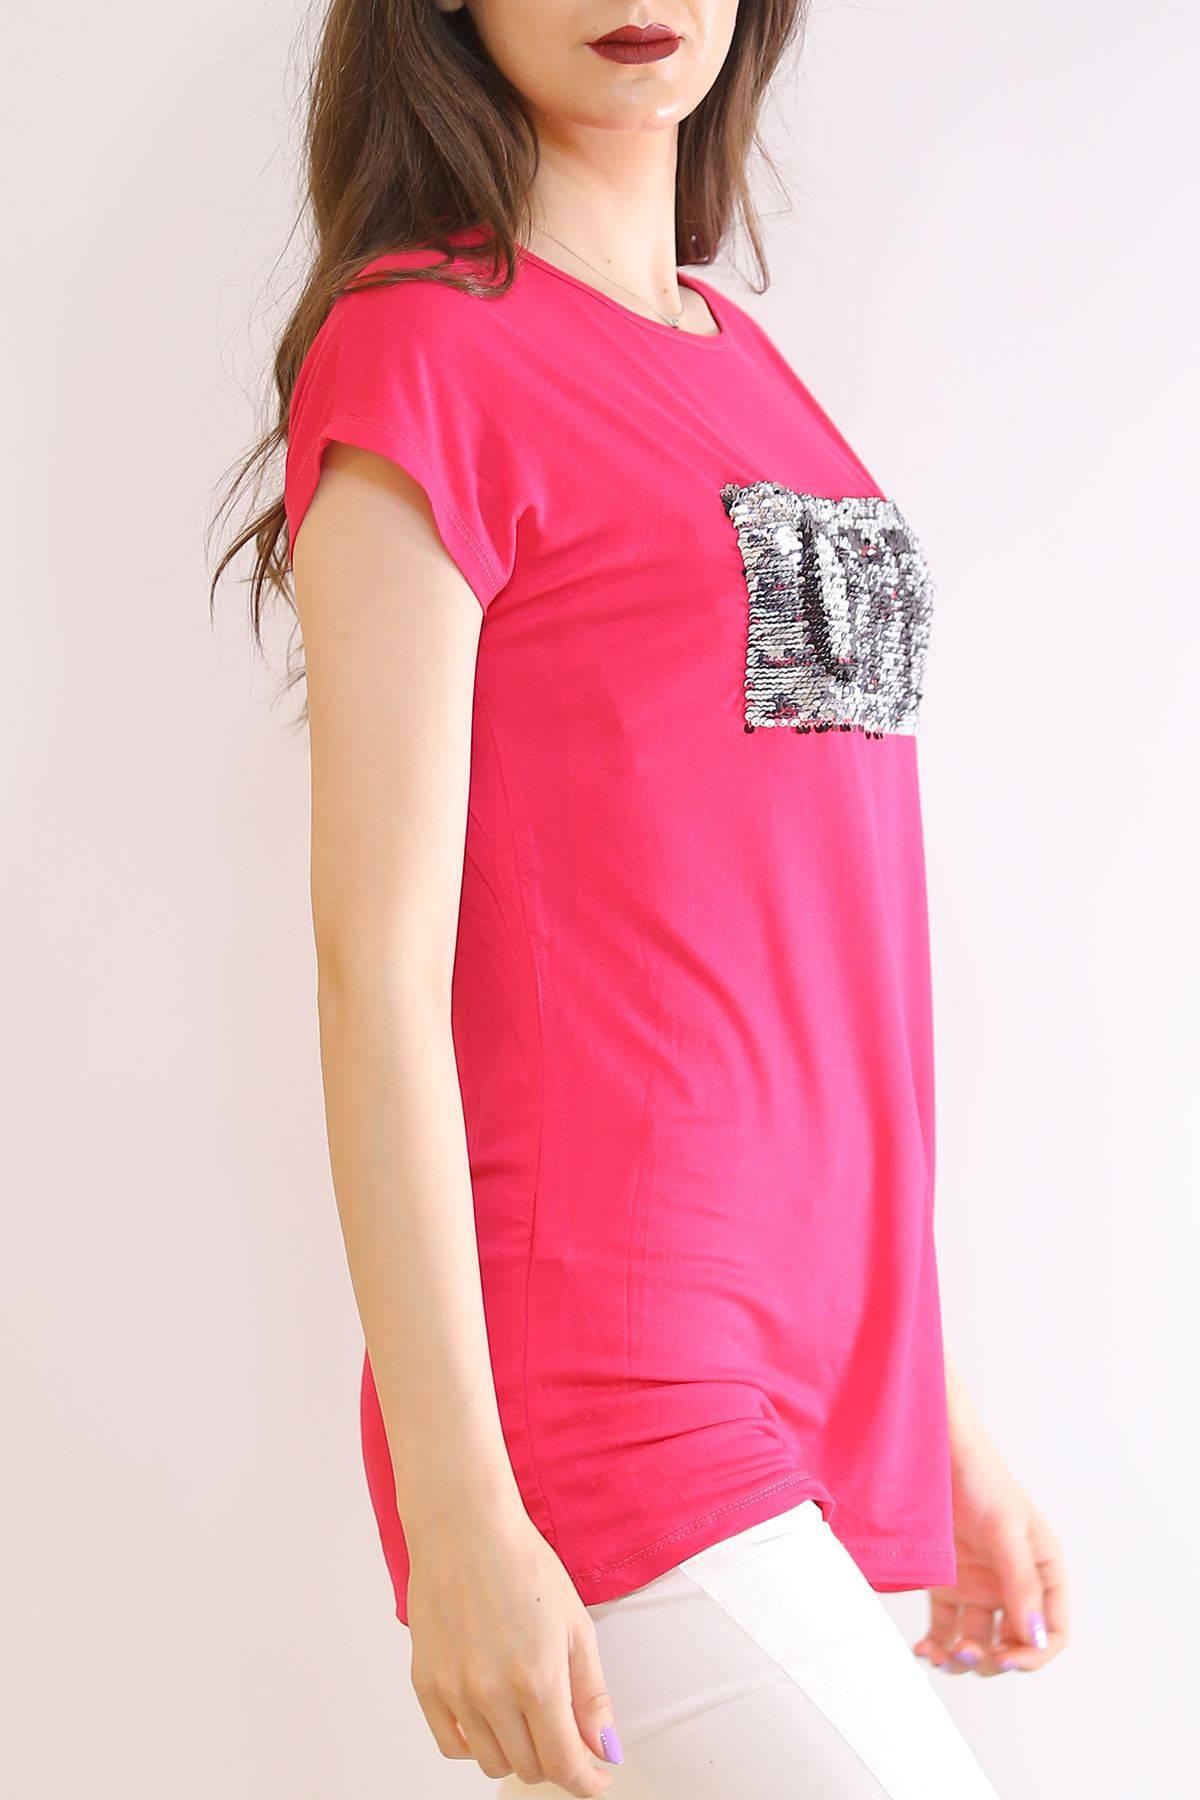 Yarasa Kol Pullu Tişört Fuşya - 5955.599.